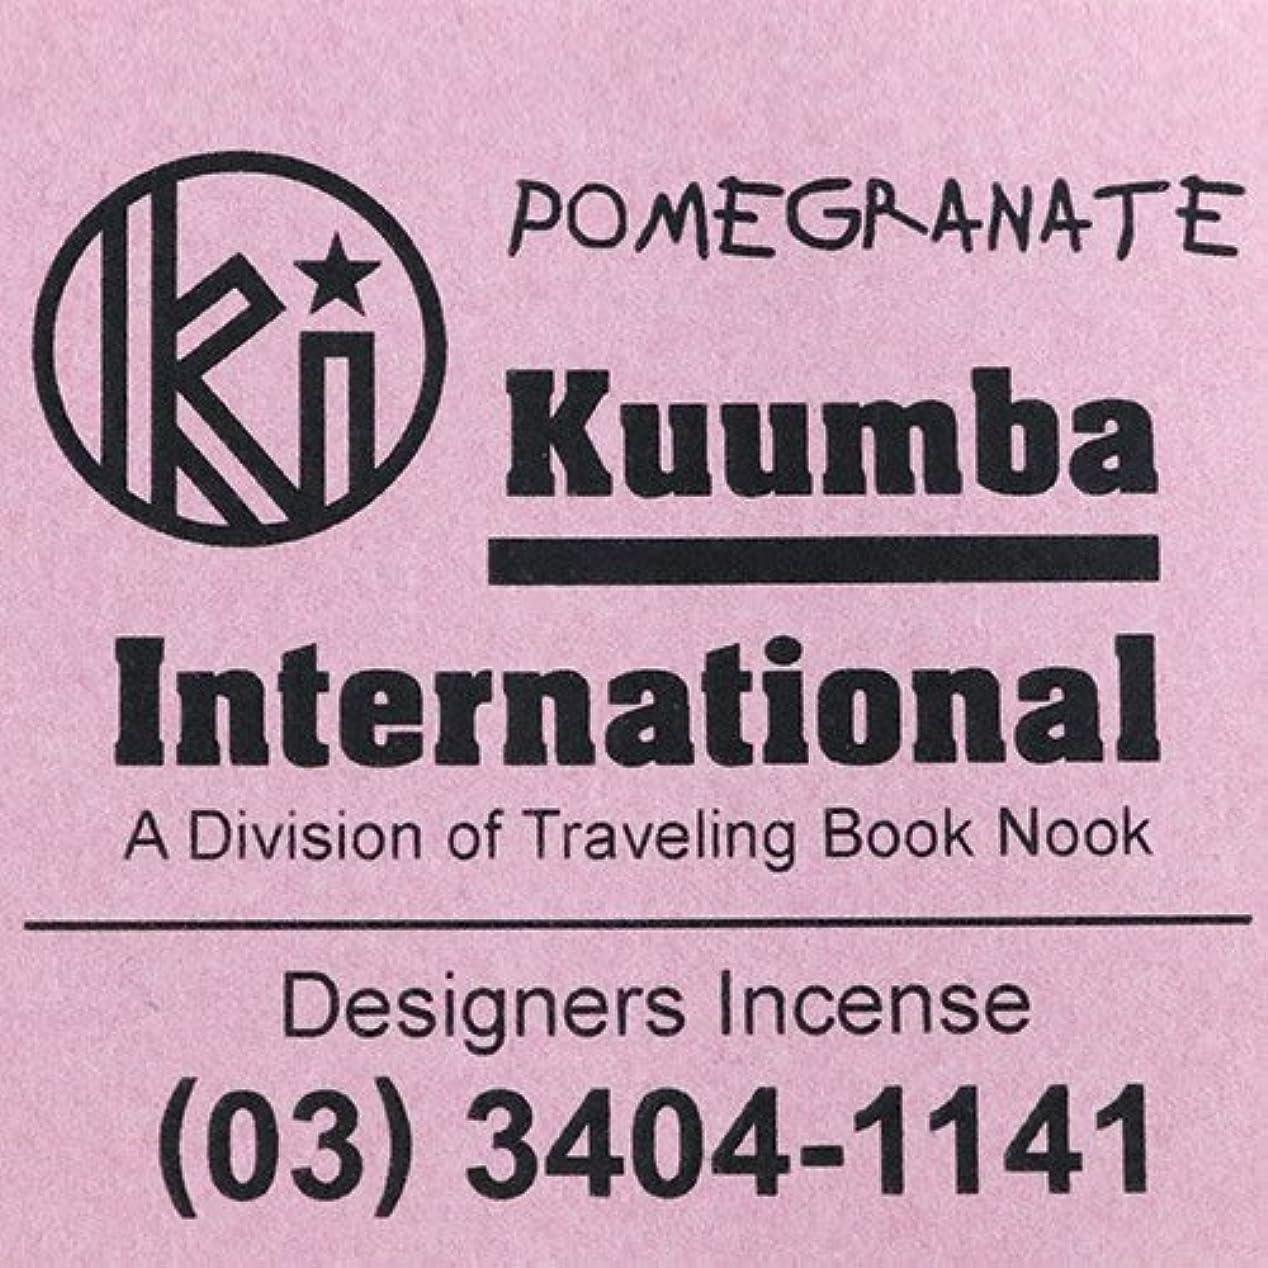 松の木余暇パット(クンバ) KUUMBA『incense』(POMEGRANATE) (Regular size)